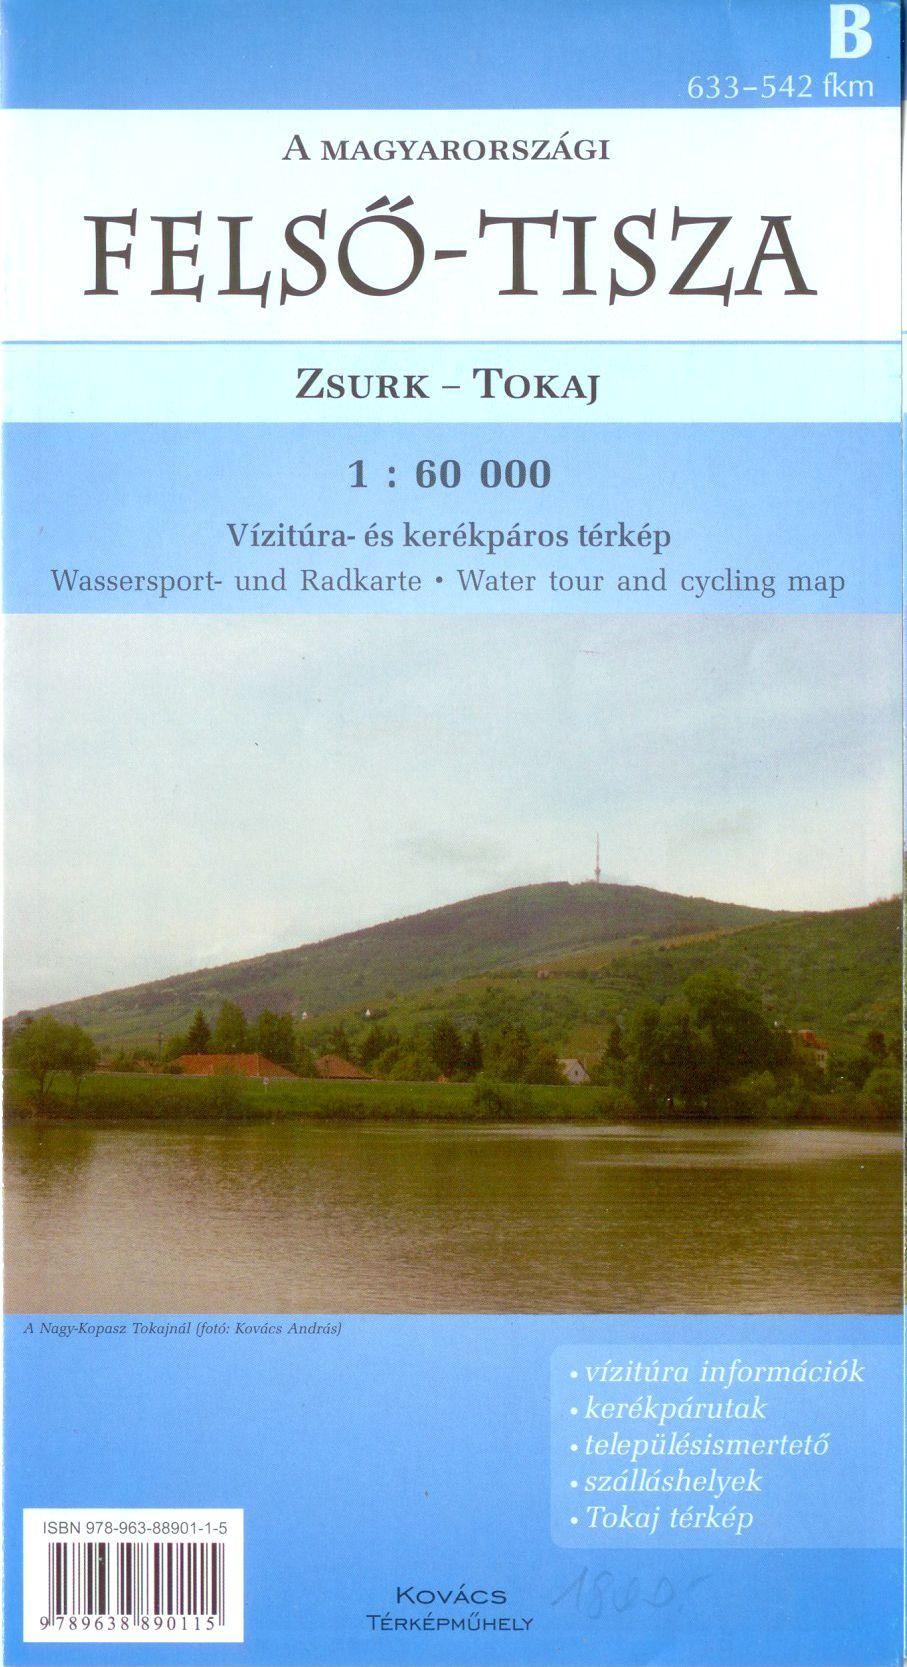 Felső-Tisza (633 - 542 km, Zsurk - Tokaj) vizitúra és biciklis térkép szabadidős tematikával, 3 nyelvű jelmagyarázattal